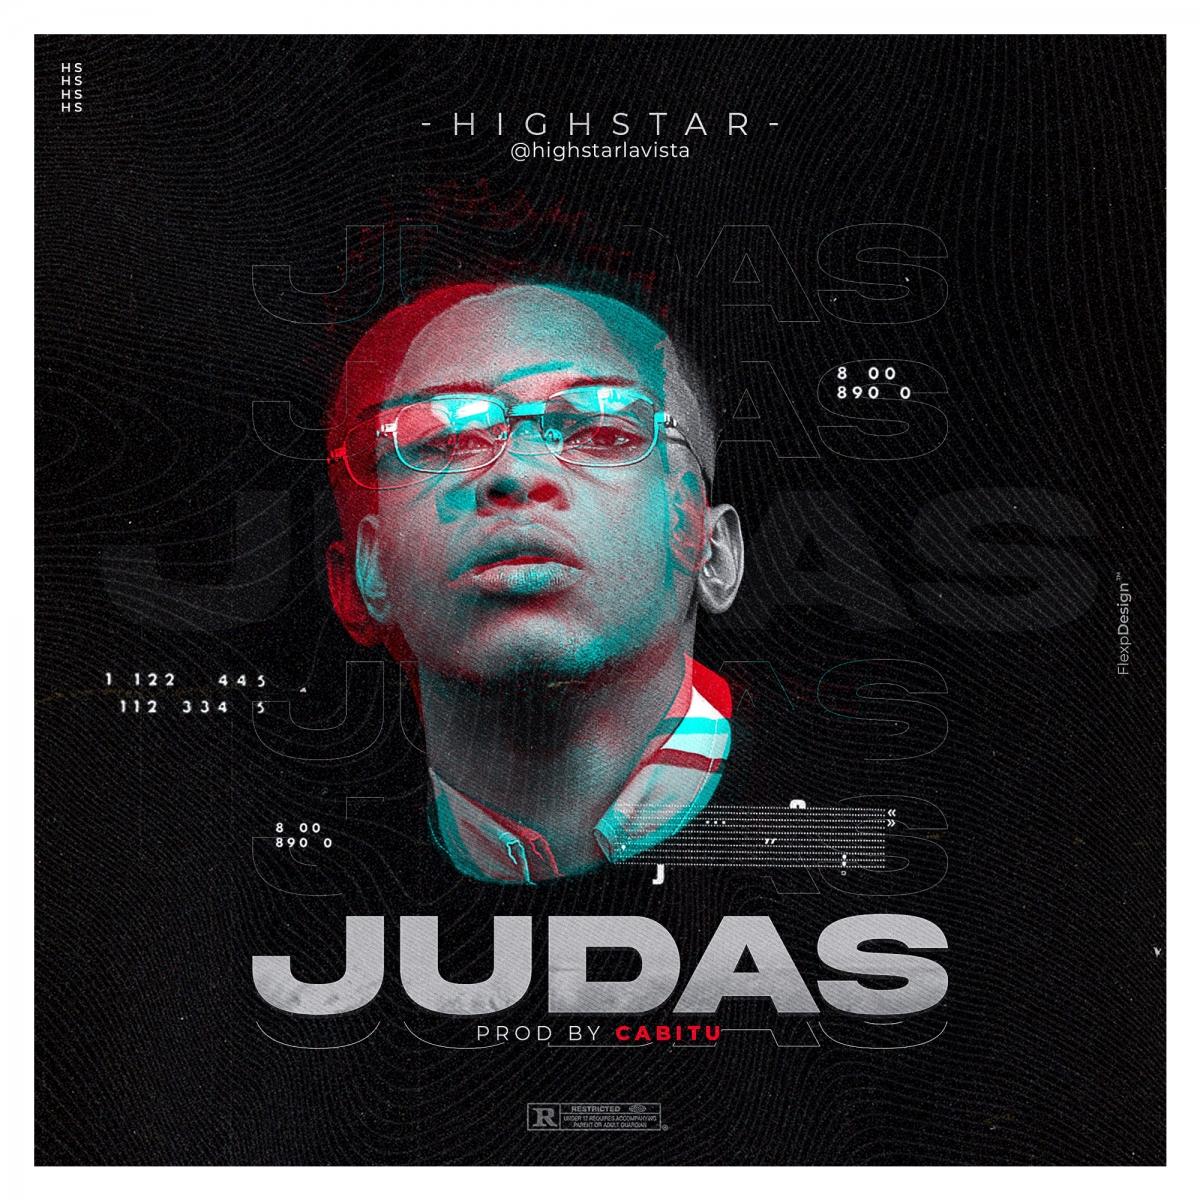 JUDAS - Highstar